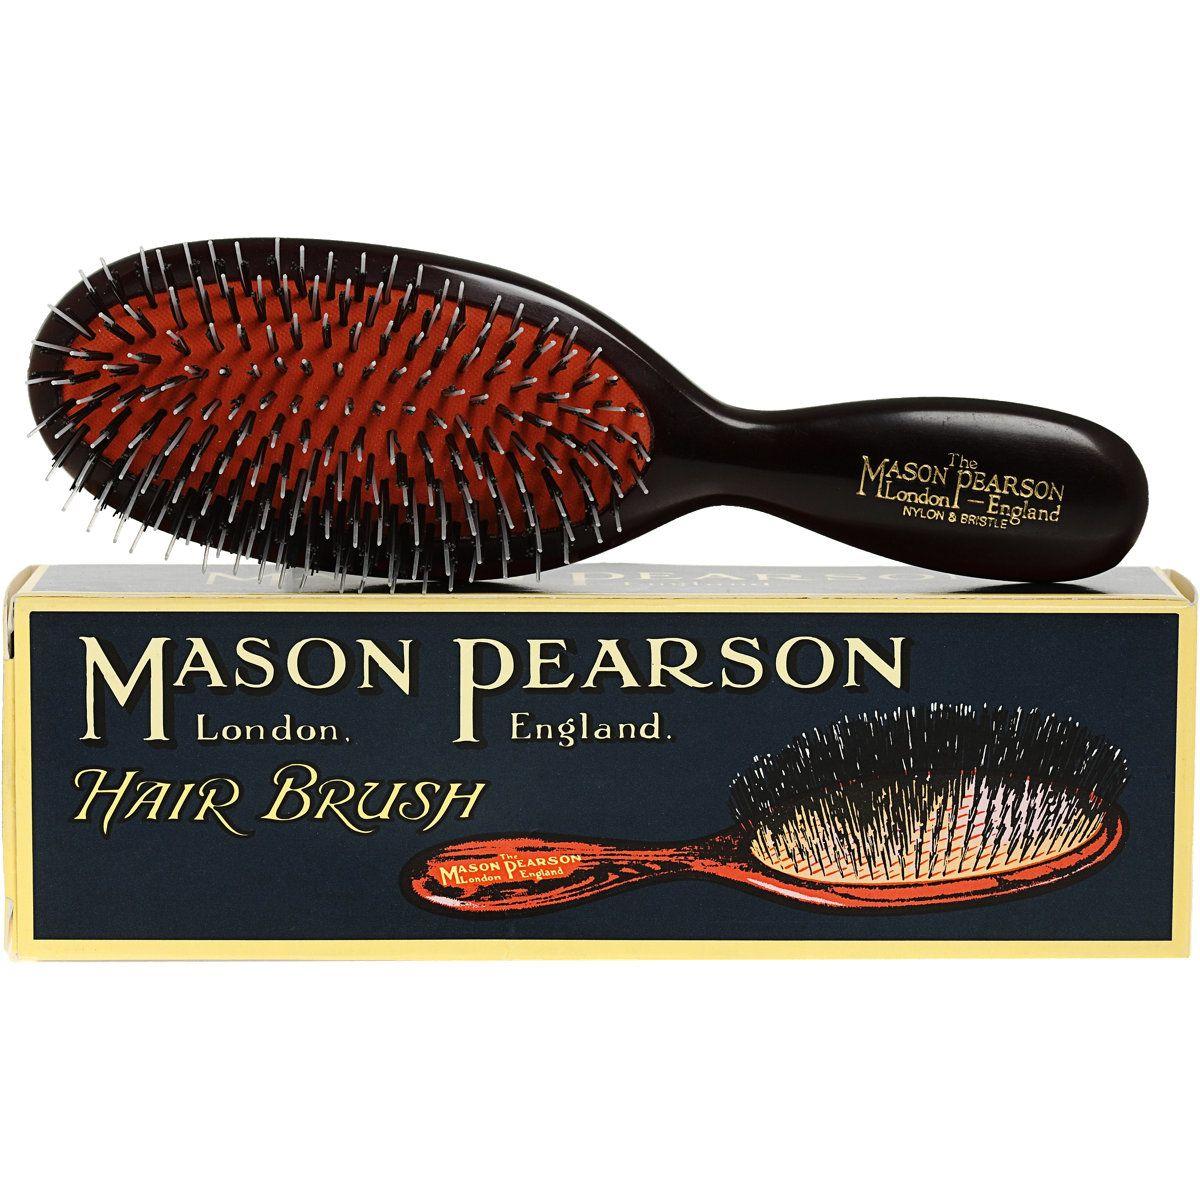 I don't count my brush strokes Marsha Brady-style. Promise   Mason Pearson Pocket Mixture Brush